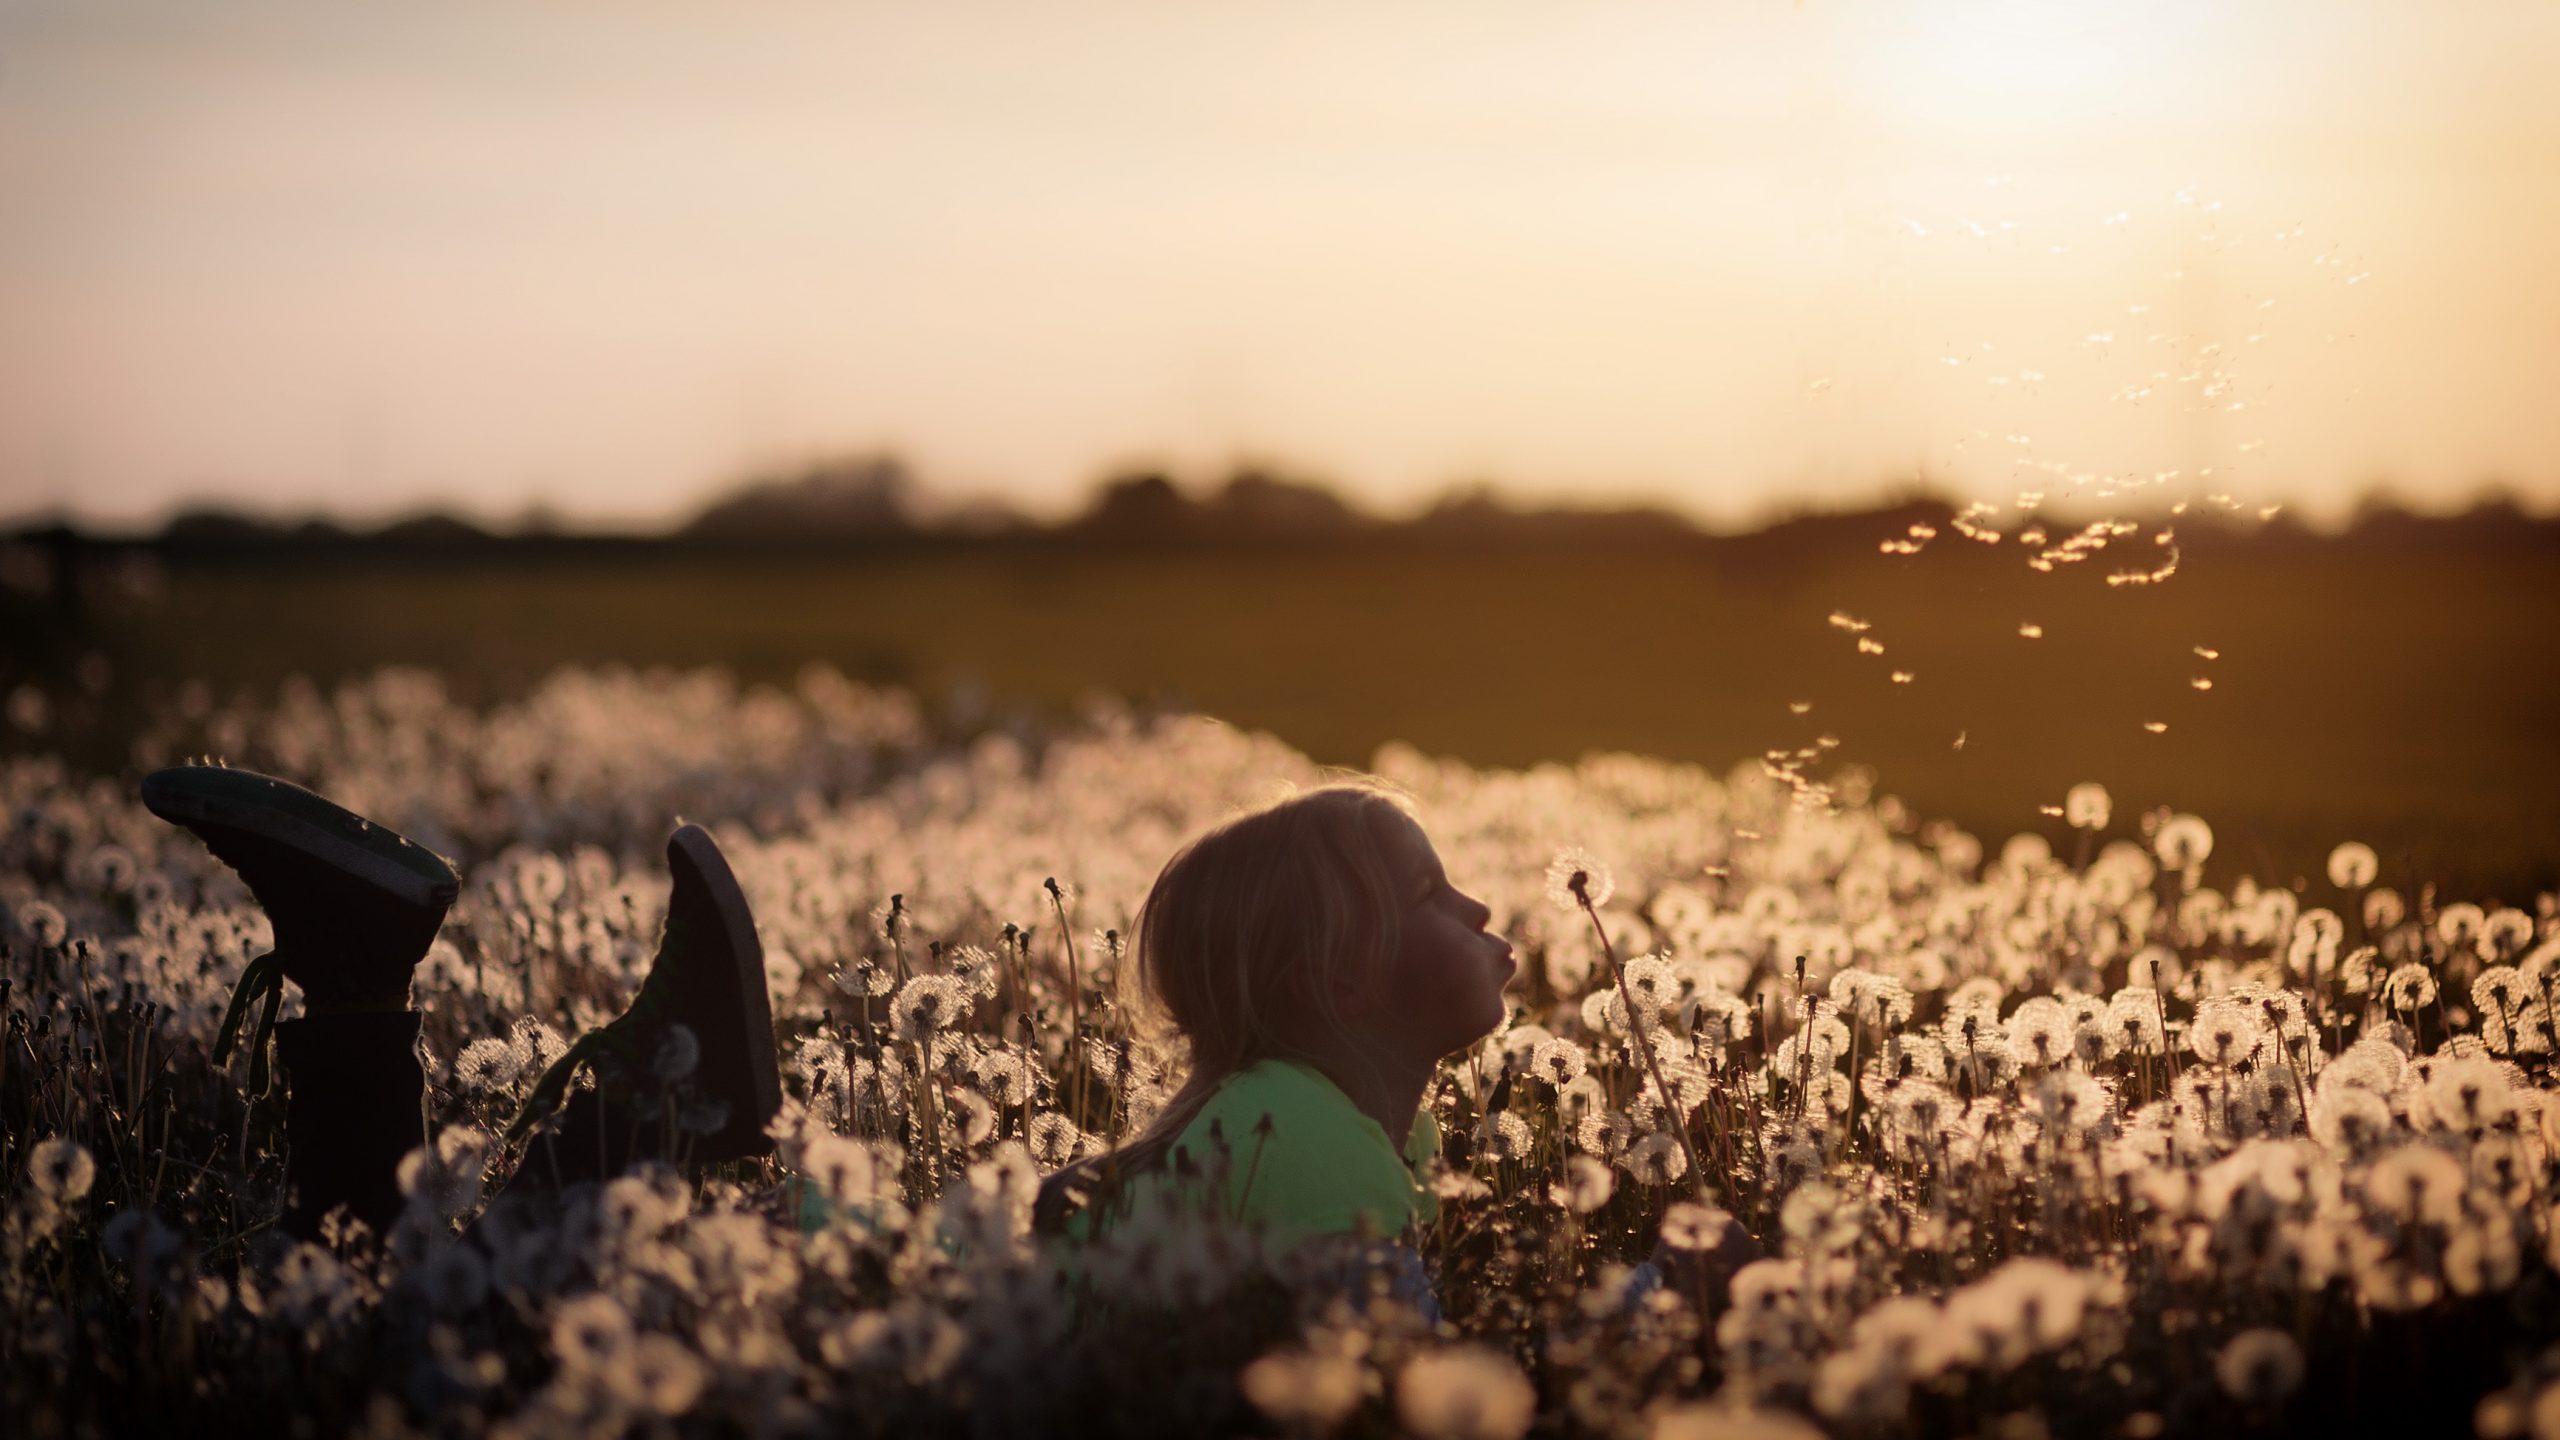 Child in field of dandelions